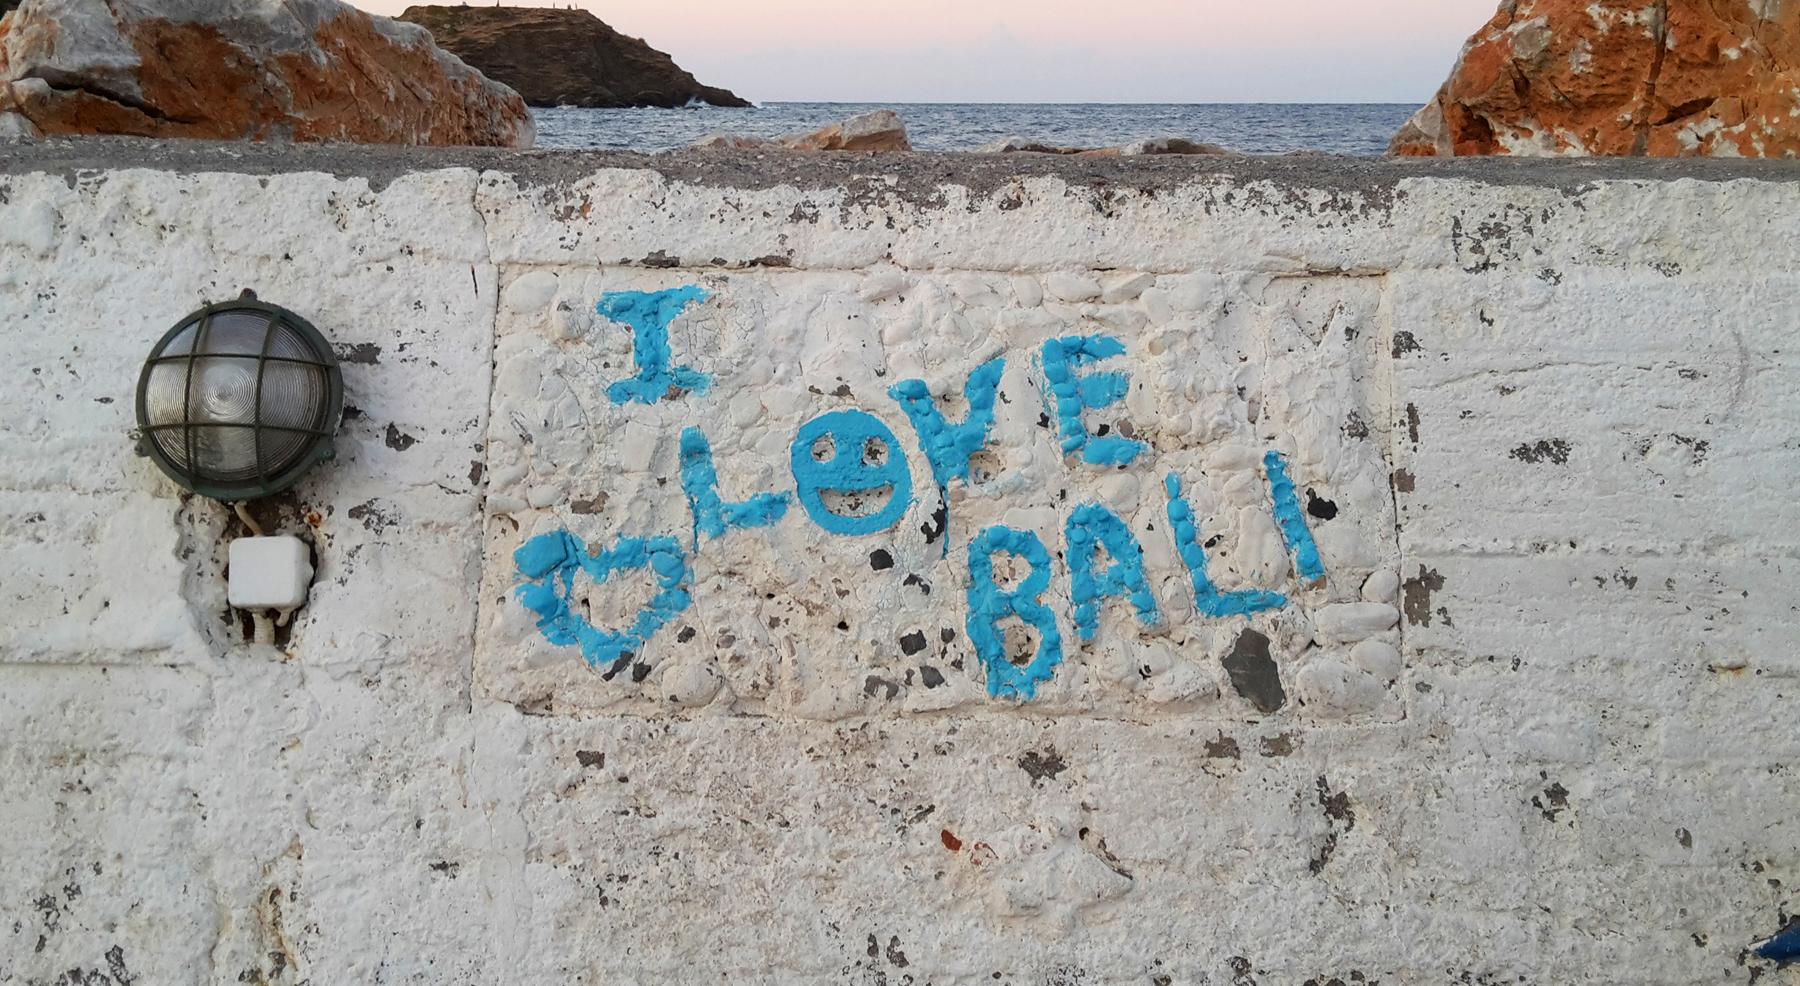 На пирсе. Бали, Крит, Греция | Елена Гежа